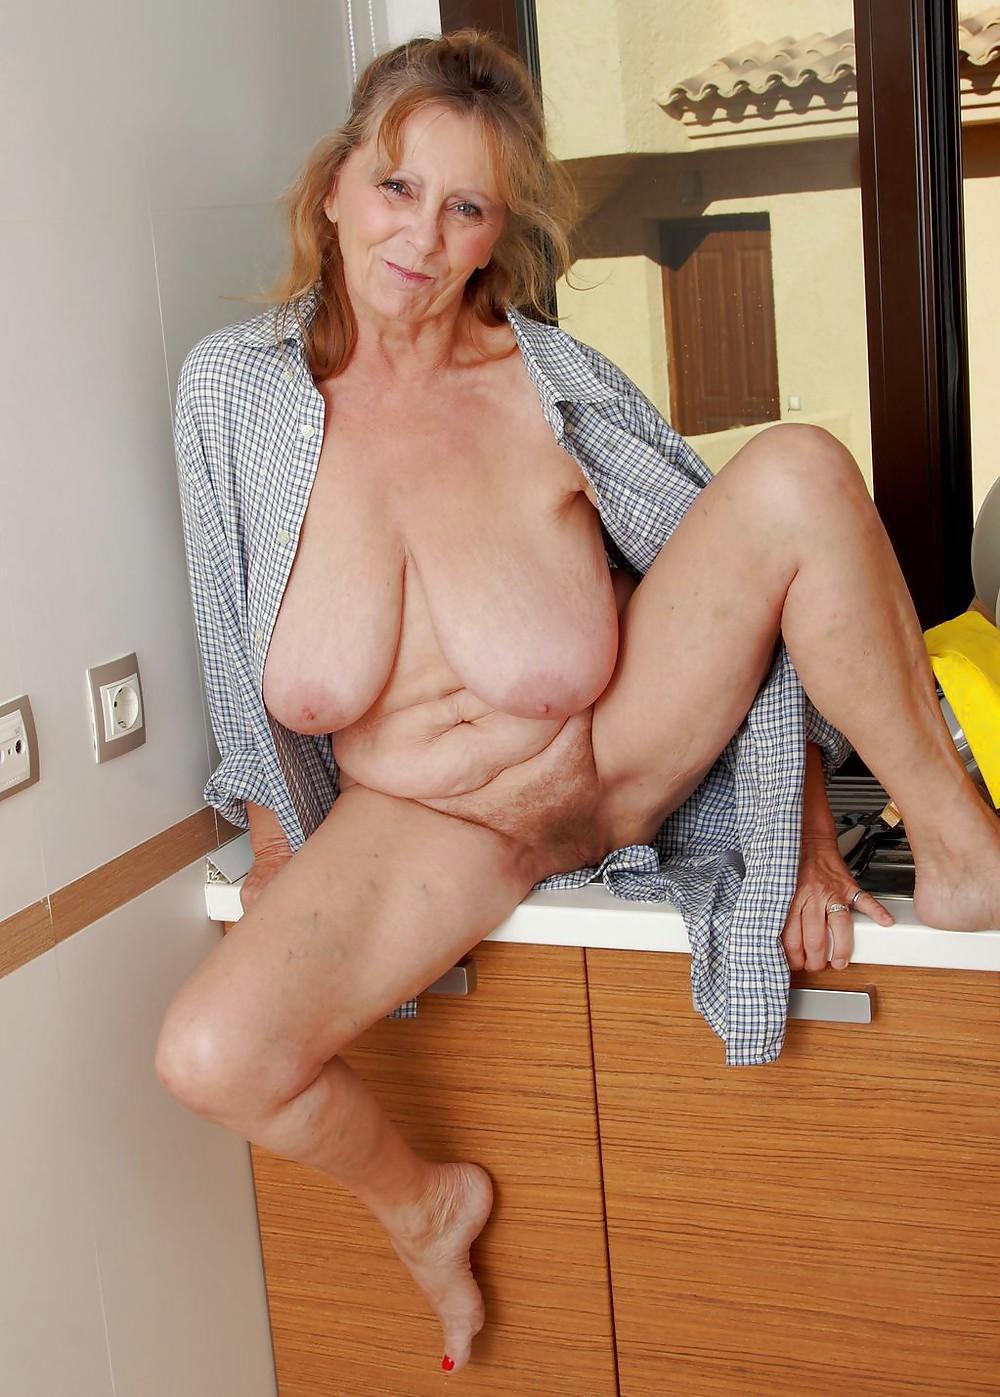 голые худые зрелые бабы с большими дойками онлайн глаза затаив